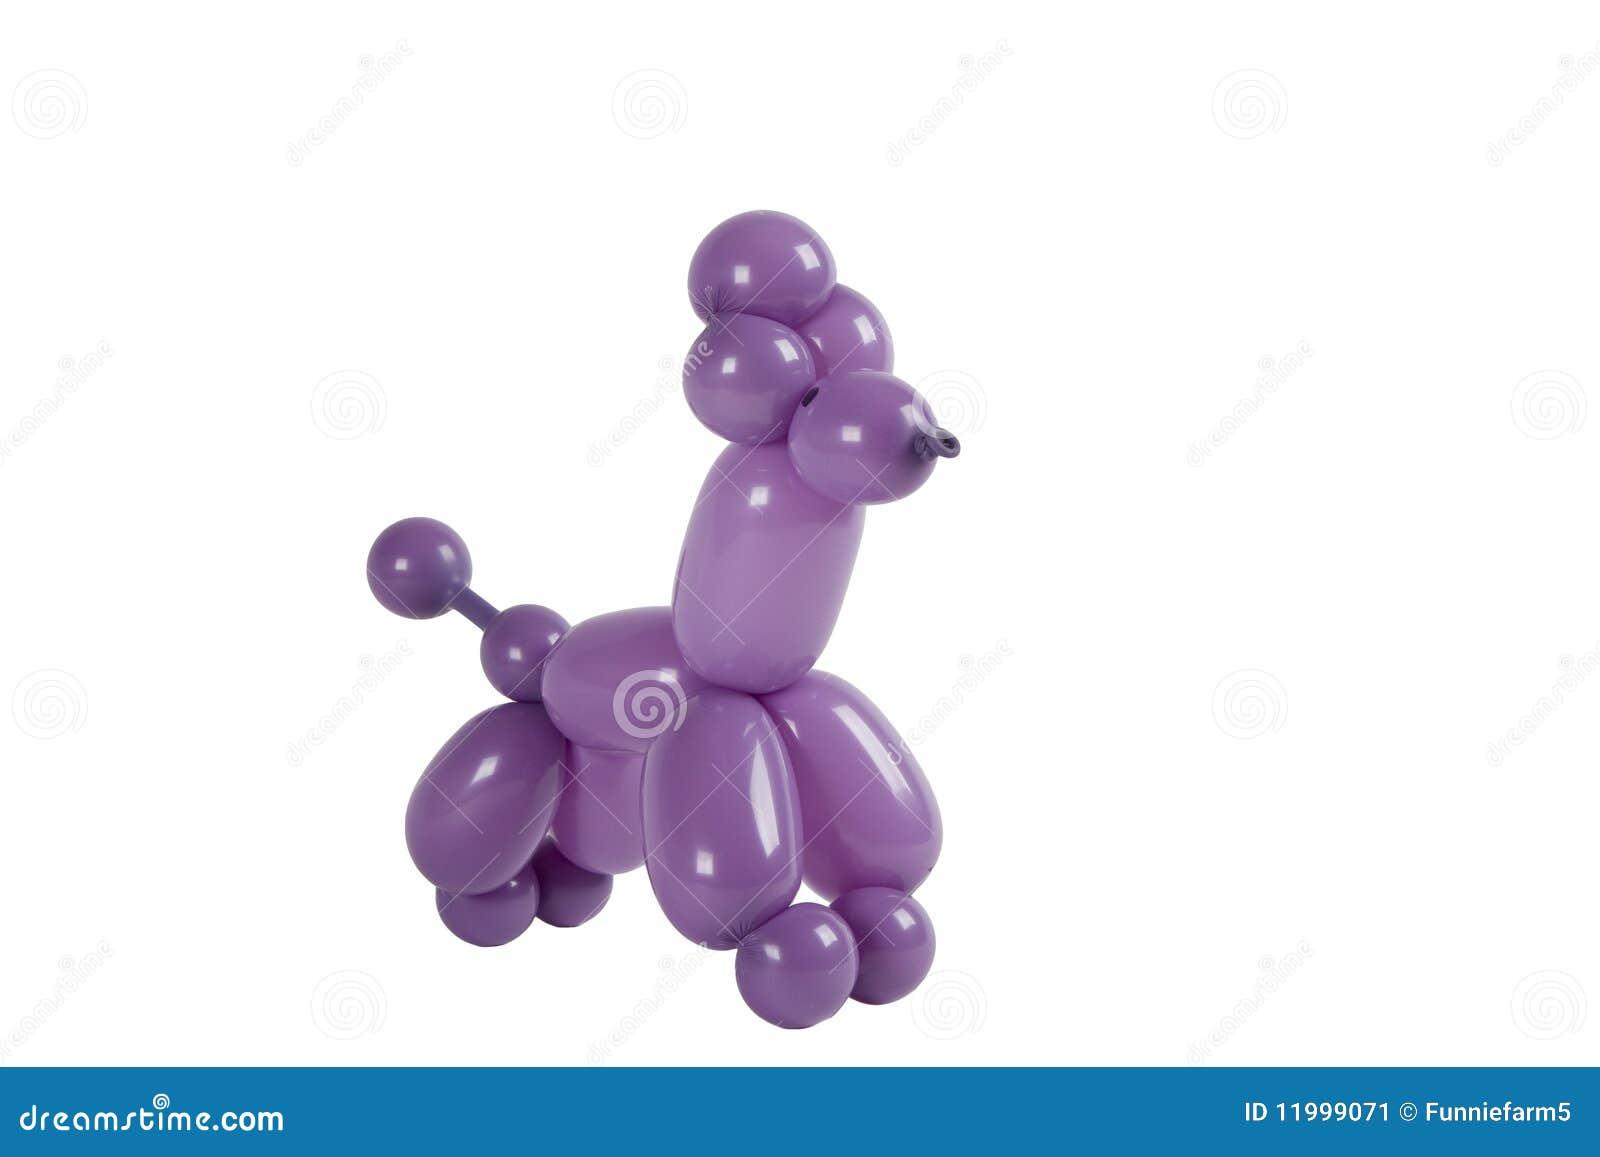 Balloon animal poodle isolated stock image image 11999071